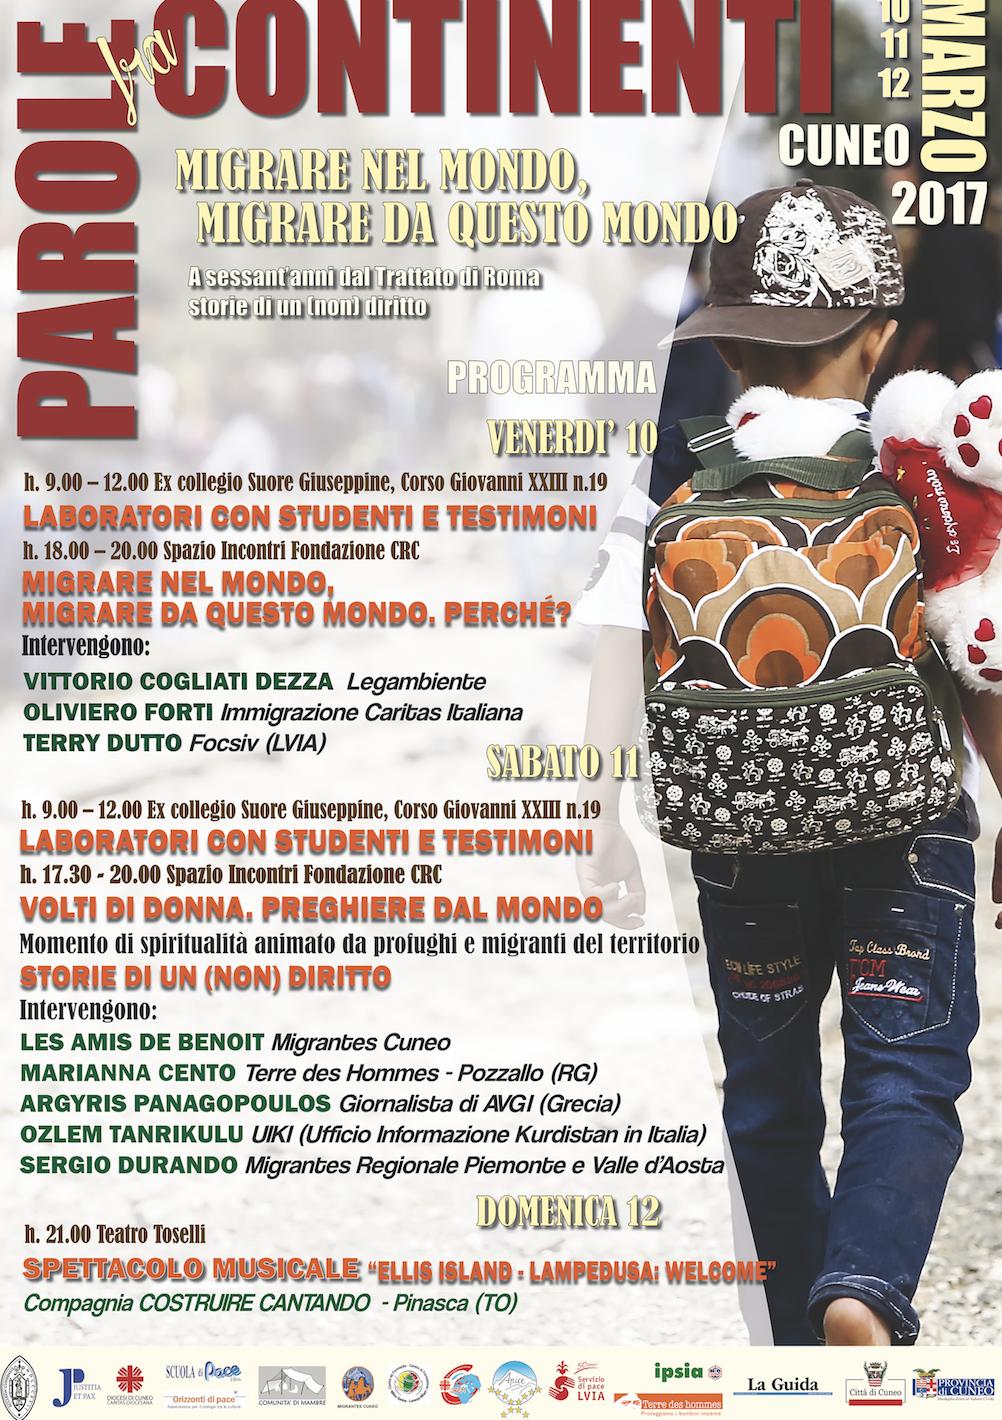 """La Guida - """"Parole fra continenti"""", gli appuntamenti di sabato 11 e domenica 12"""